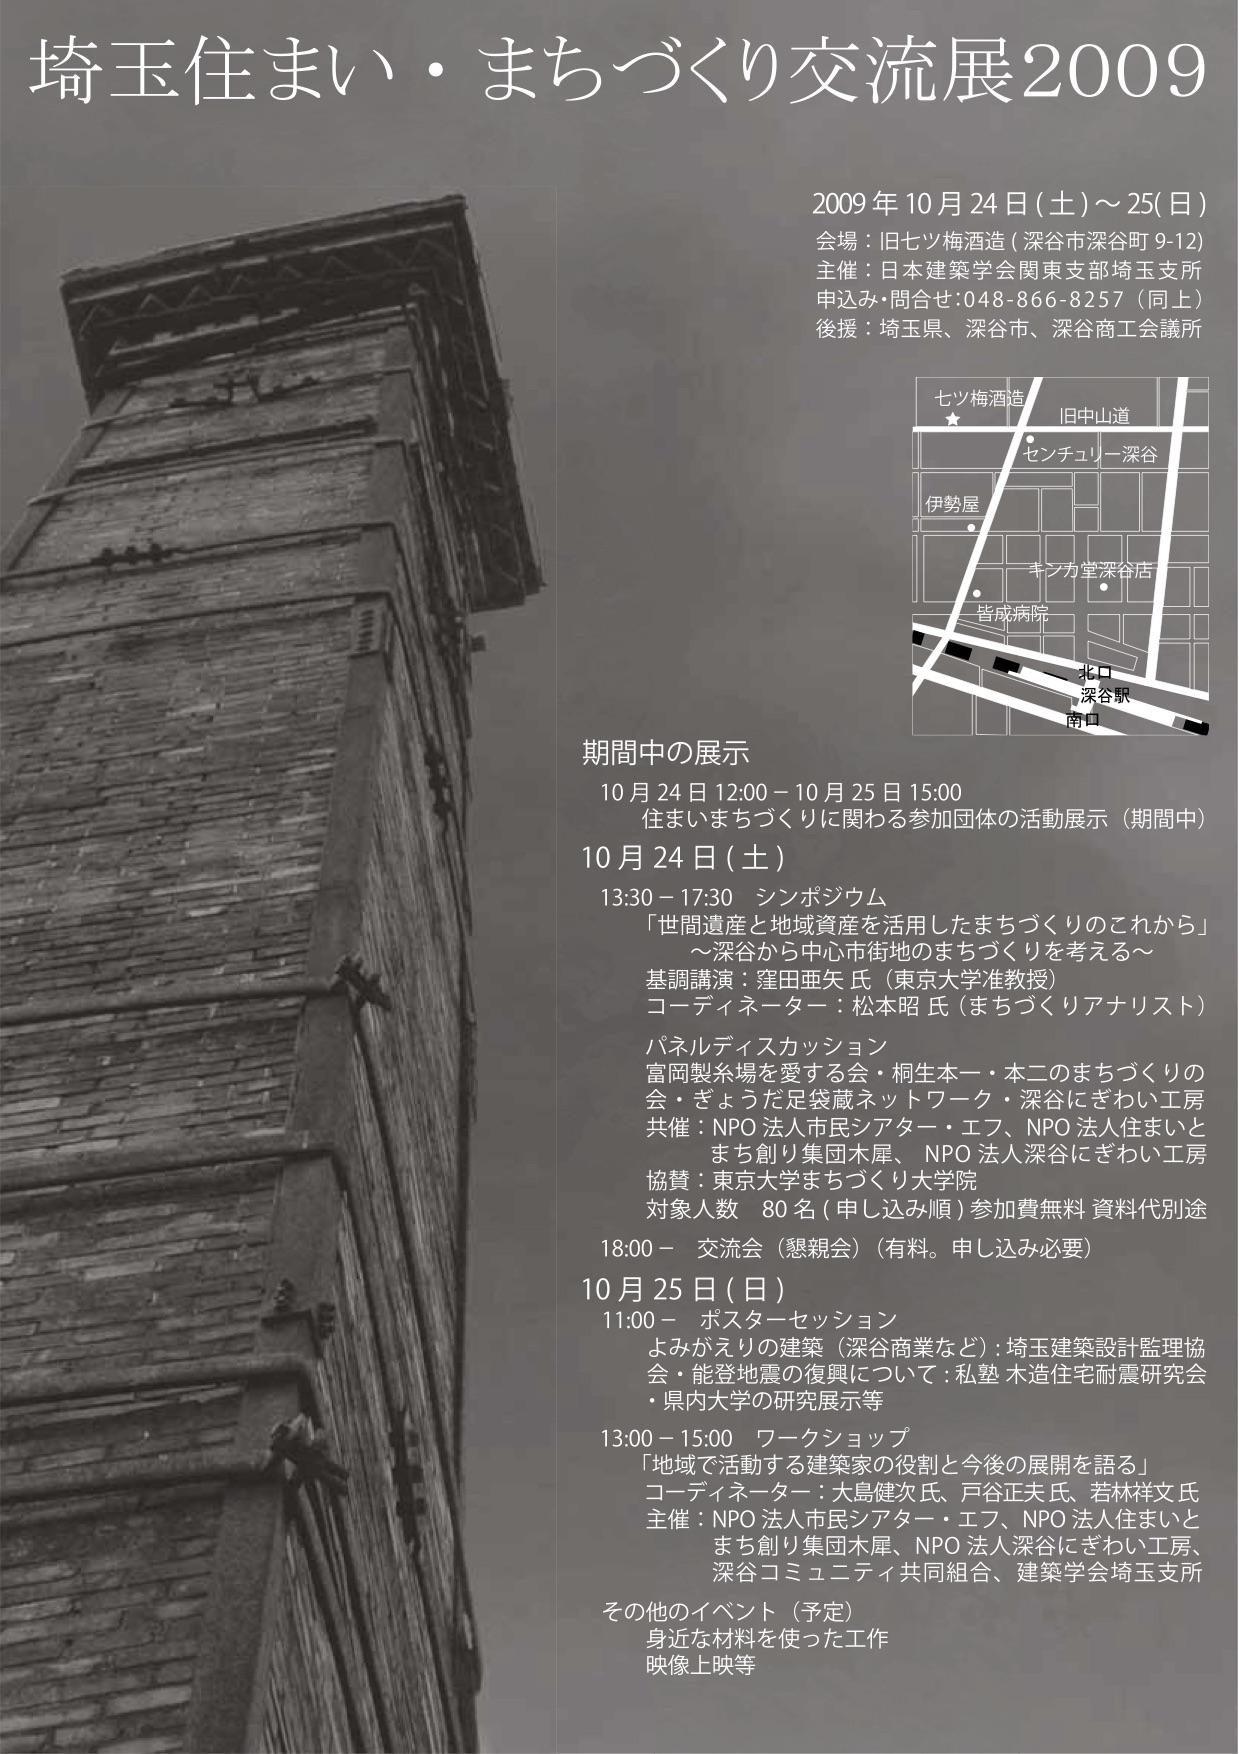 埼玉住まい・まちづくり交流展2009in深谷